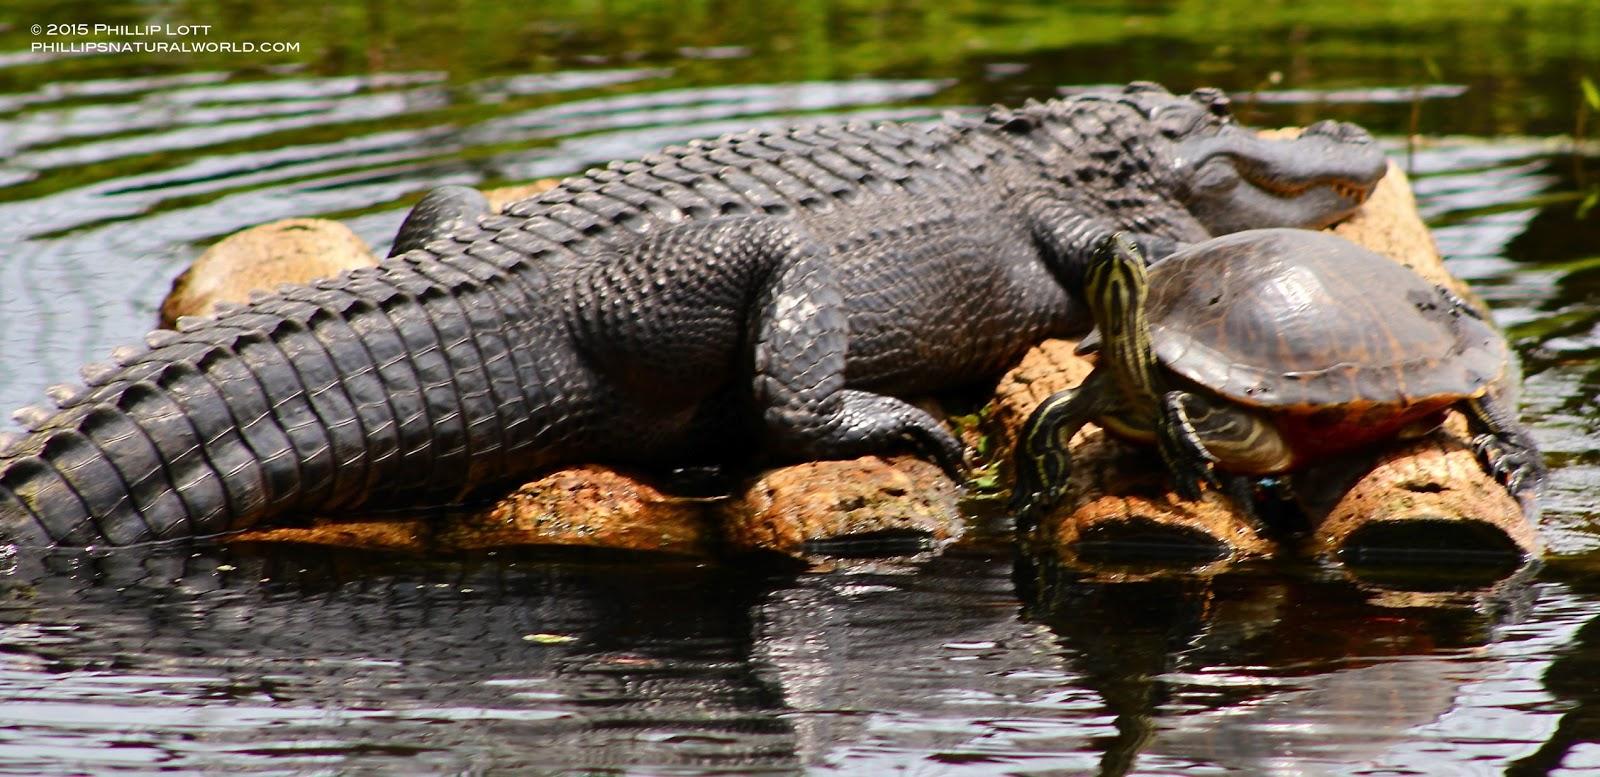 Alligator%2Band%2BYellow bellied%2BSlider%2BHomosassa%2BSprings%2BJune%2B2015%2BCopyright%2BPhillip%2BLott alligators, sunflowers, and florida heat phillip's natural world 1 0 2